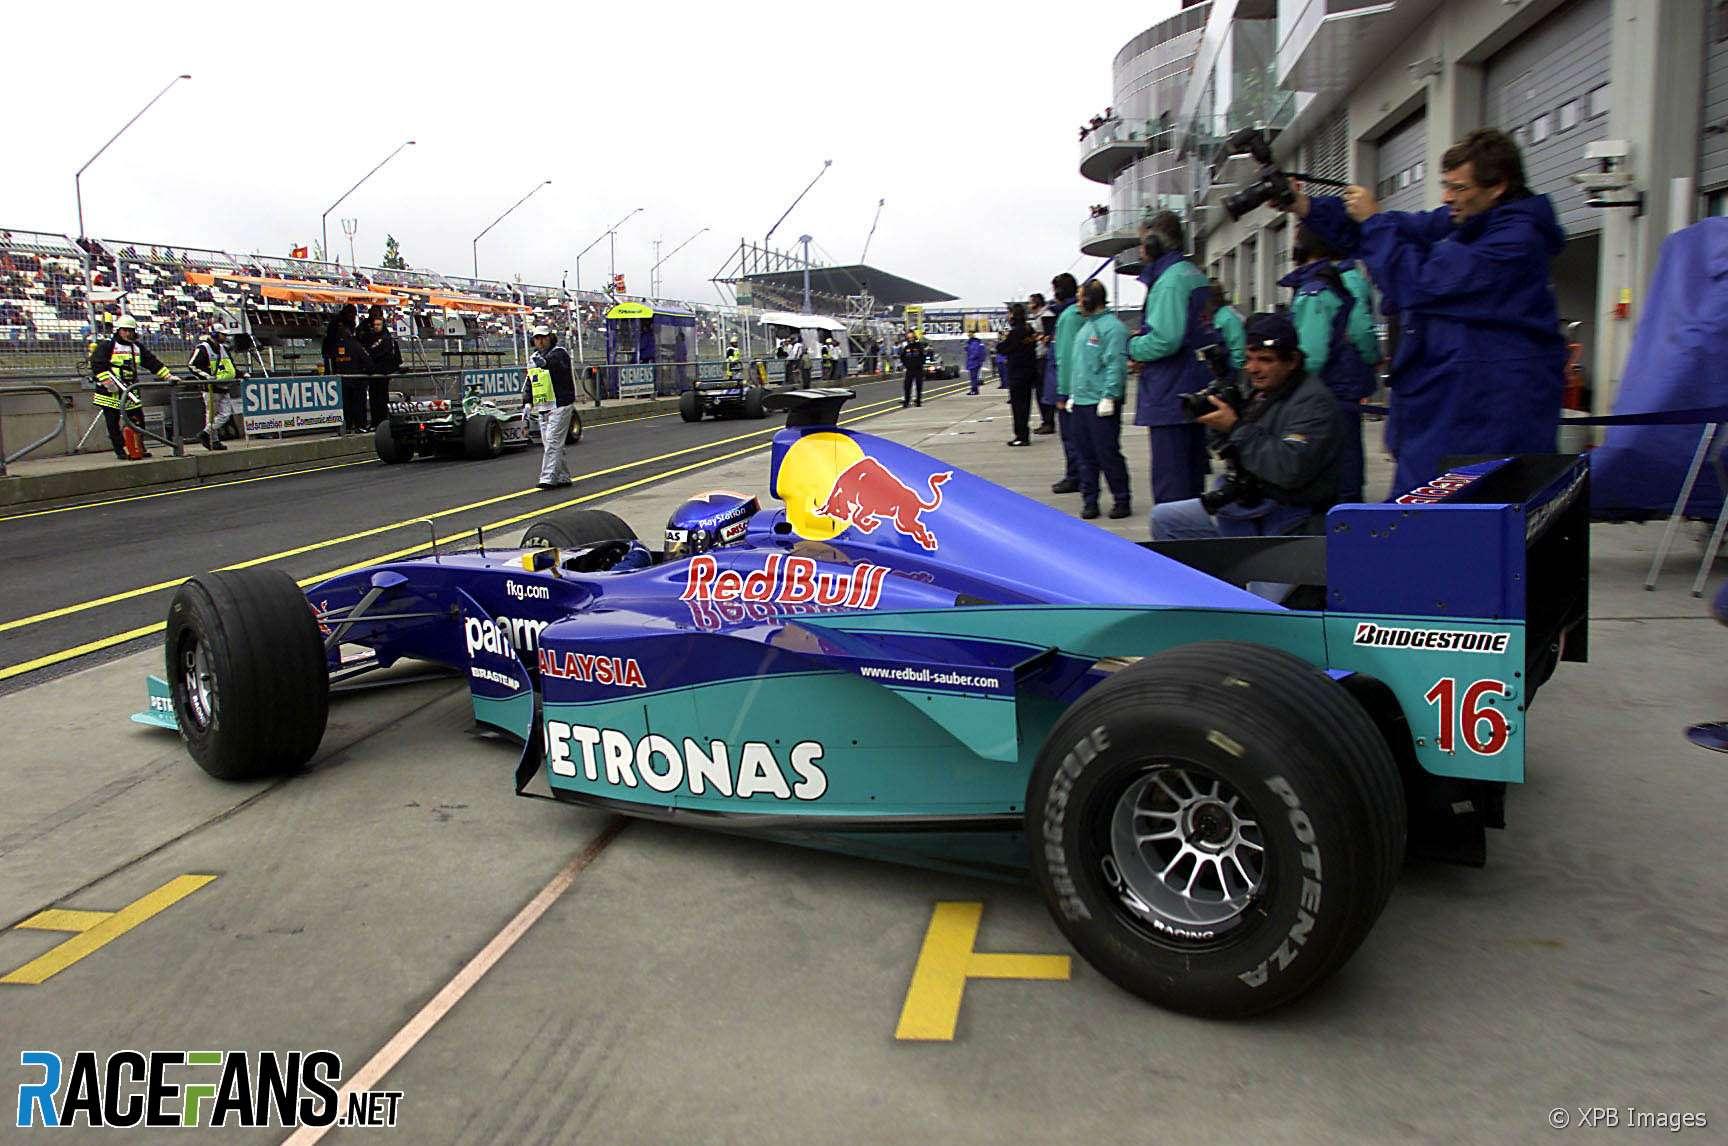 06 European Grand Prix Germany Nürburgring, Nürburg 00 racefansdotnet-20200316-111206-303.jpg